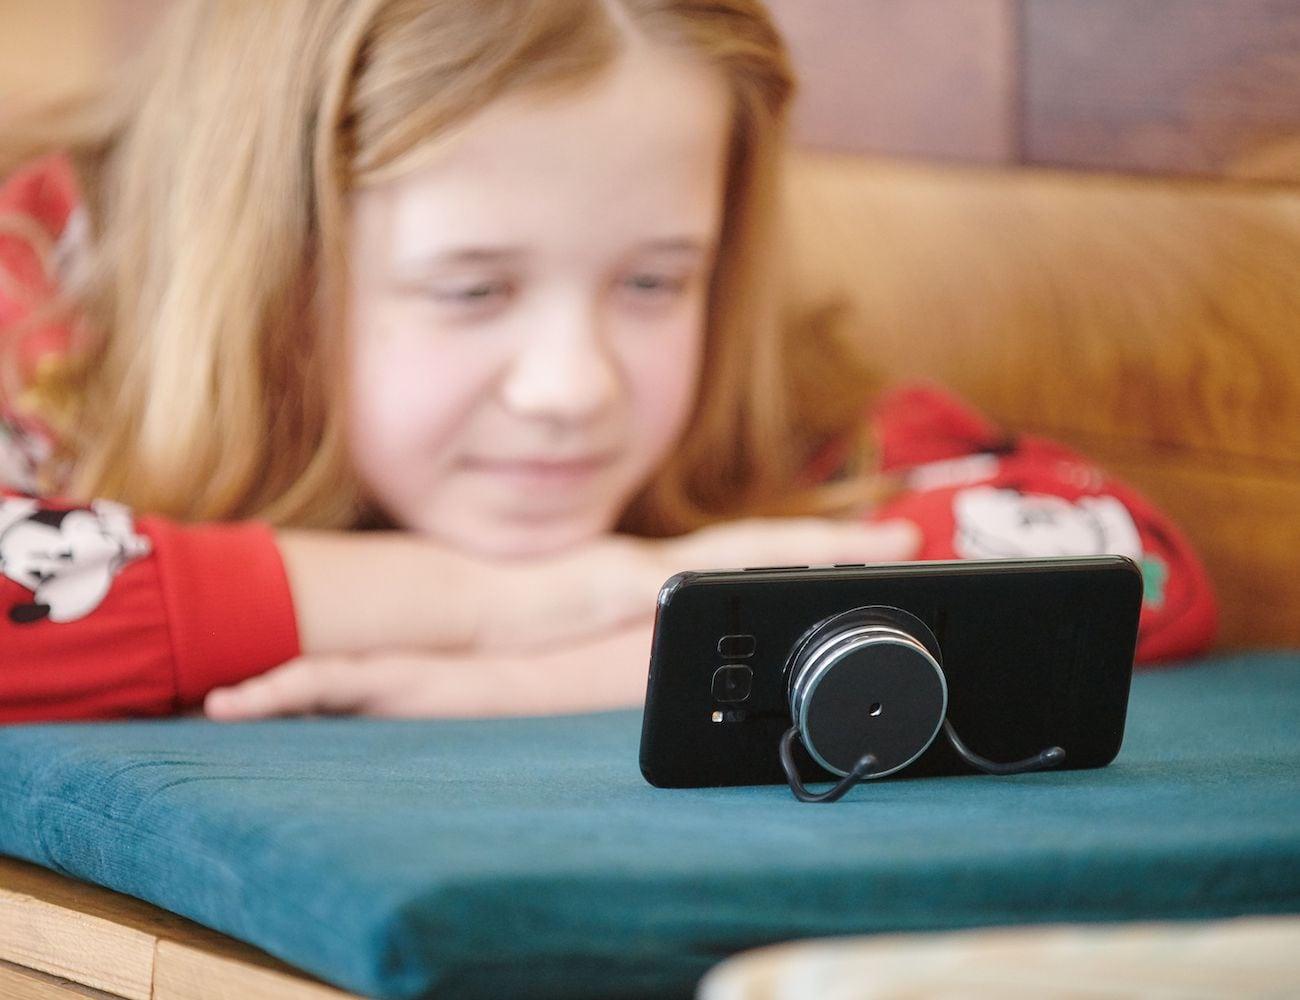 IMStick Magnetic Smartphone Holder